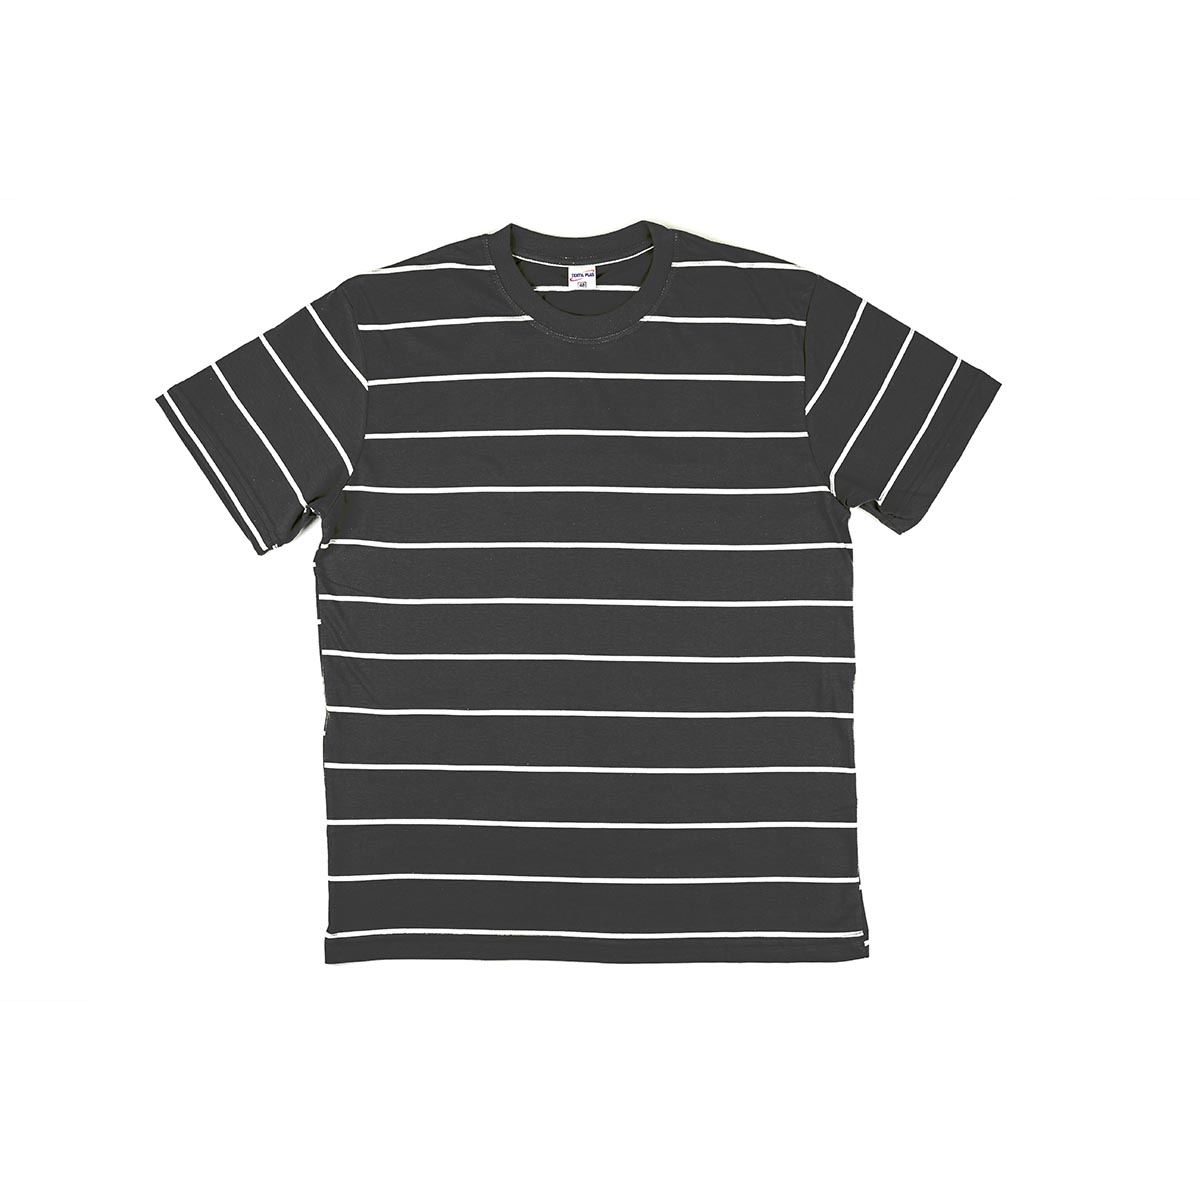 Мужская футболка Simple stripe, цвет Черный в полоску, размер 50Футболки и майки<br><br><br>Тип: Муж. футболка<br>Размер: 50<br>Материал: Кулирка